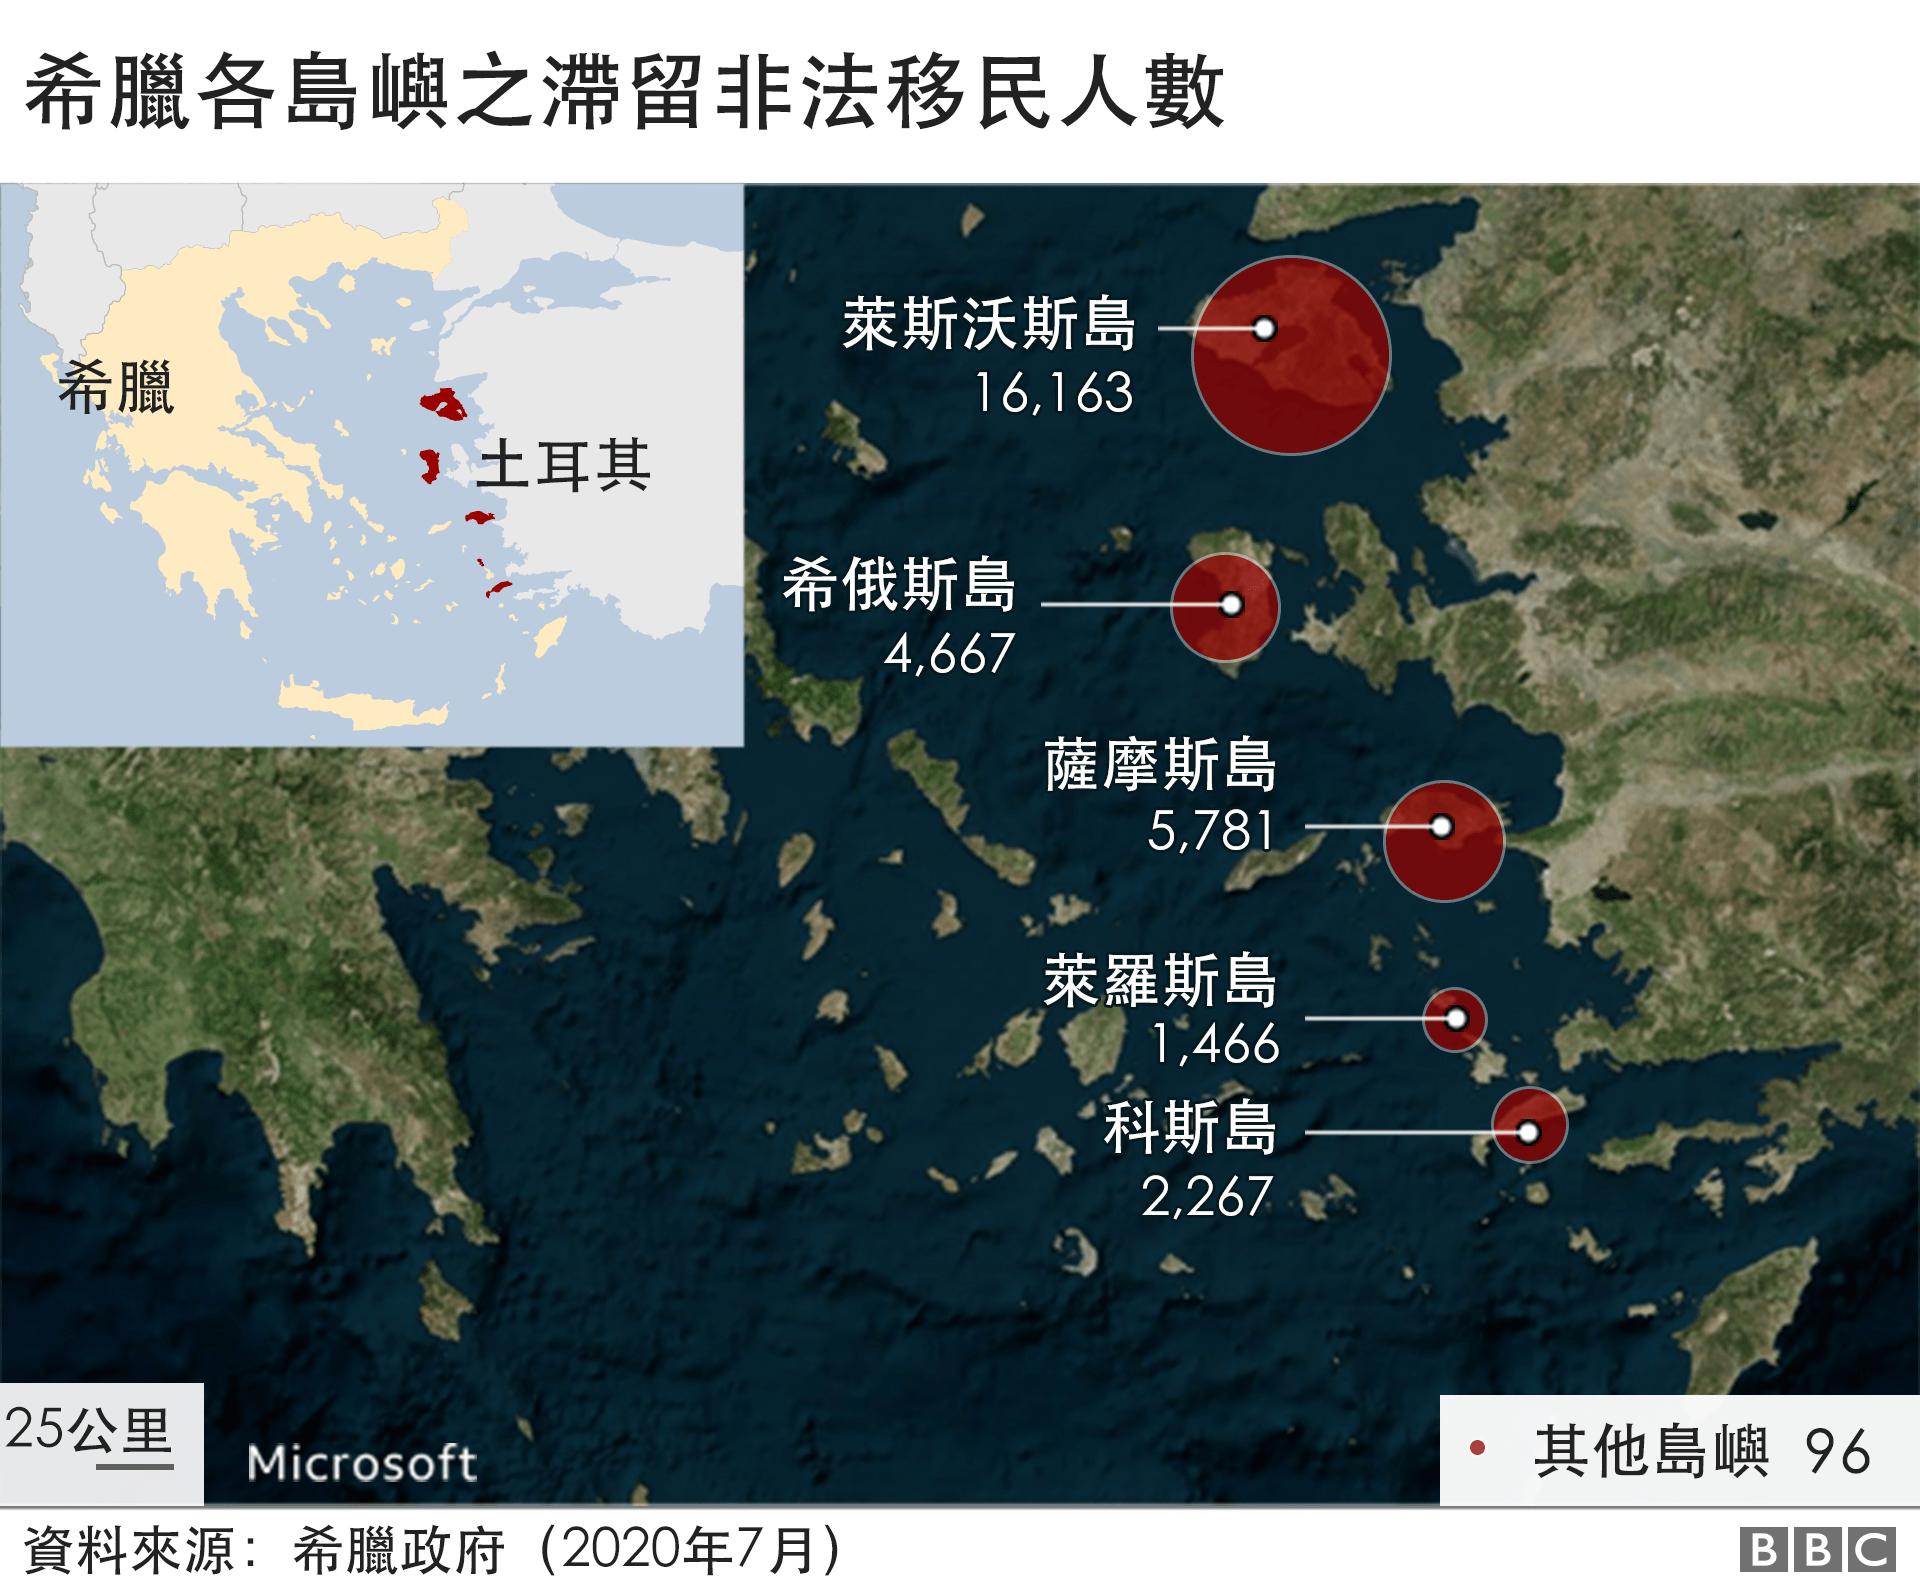 數據地圖:希臘各島嶼之滯留非法移民人數